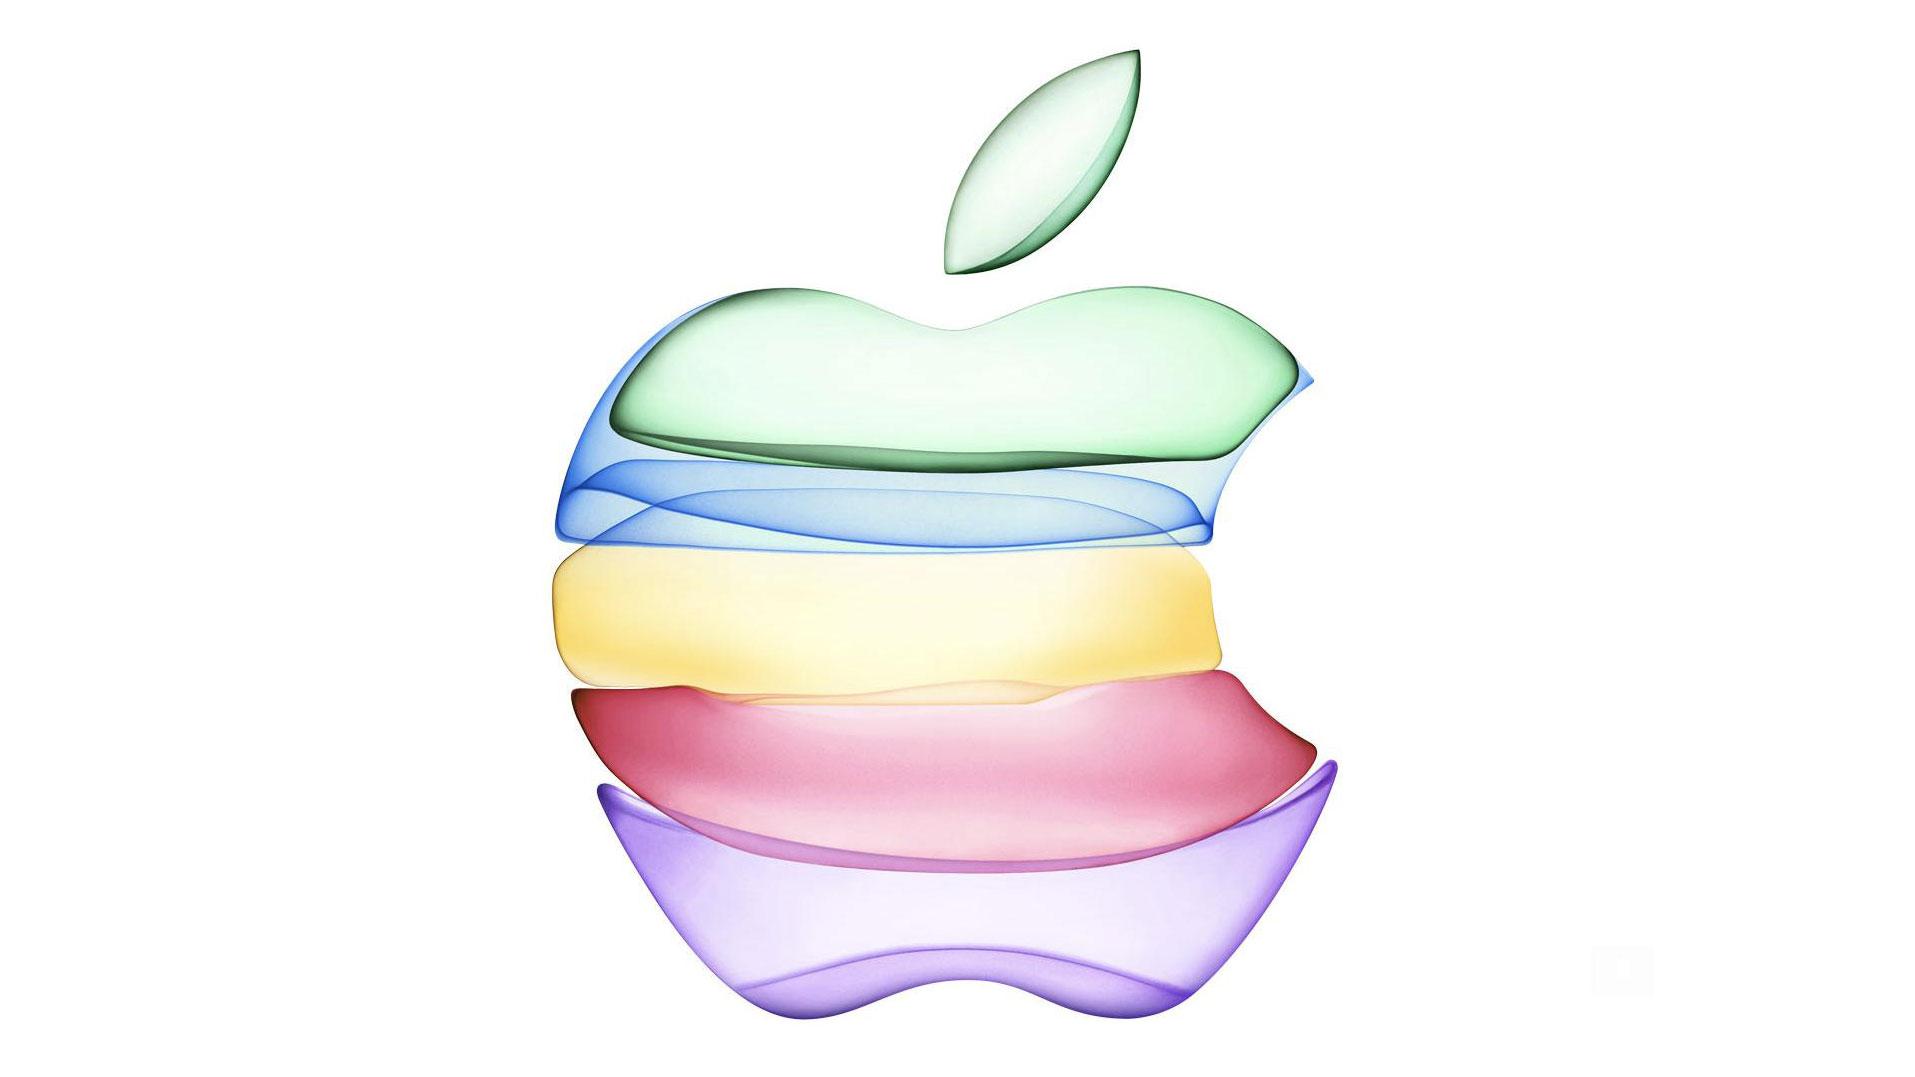 iPhone 12 i SE ma byæ sprzedawany bez ³adowarki i s³uchawek w zestawie?